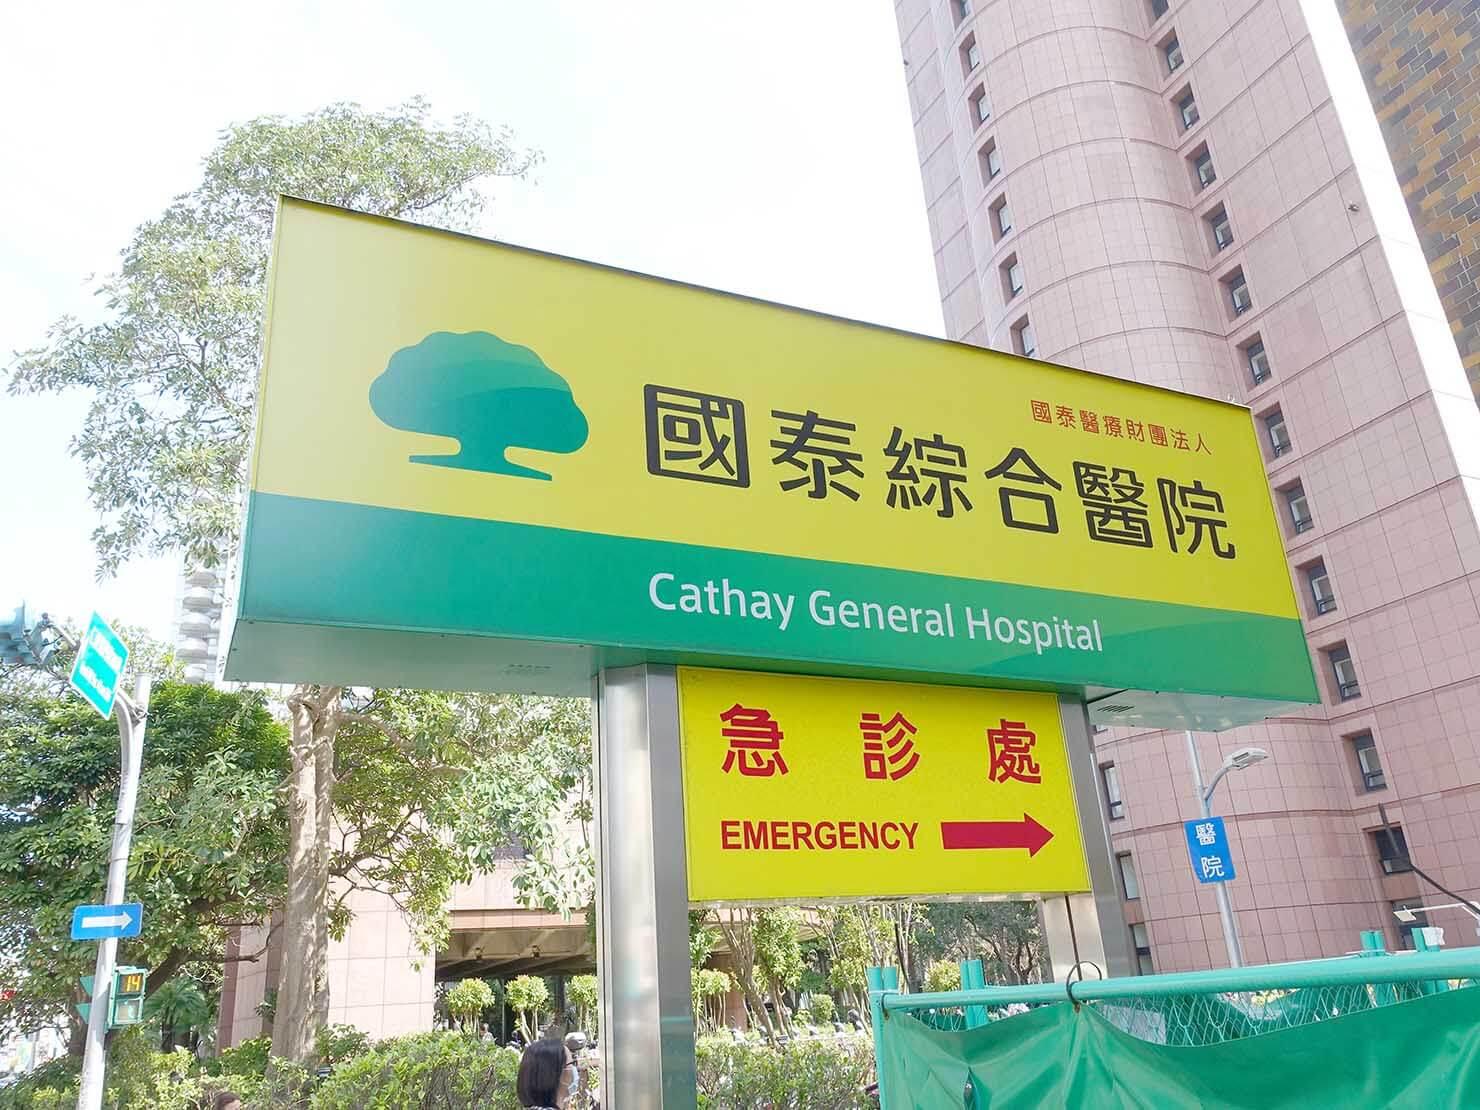 台北・國泰綜合醫院の看板